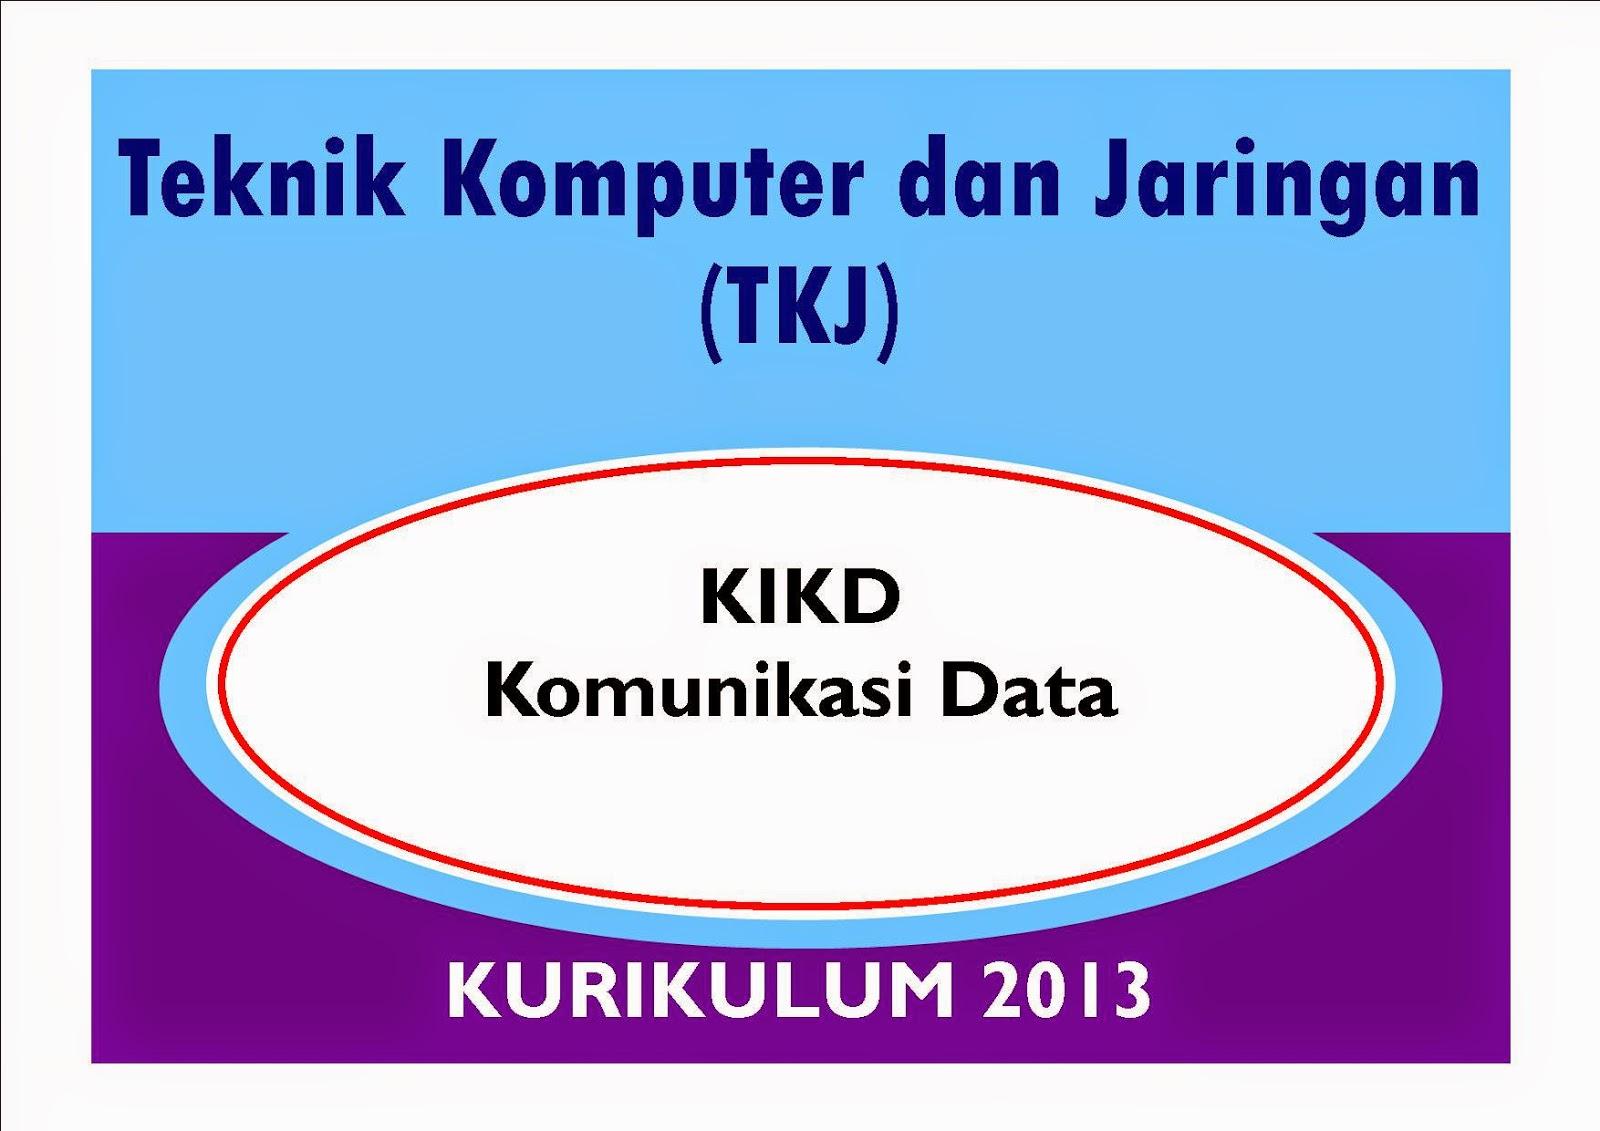 KIKD KOmunikasi Data TKJ